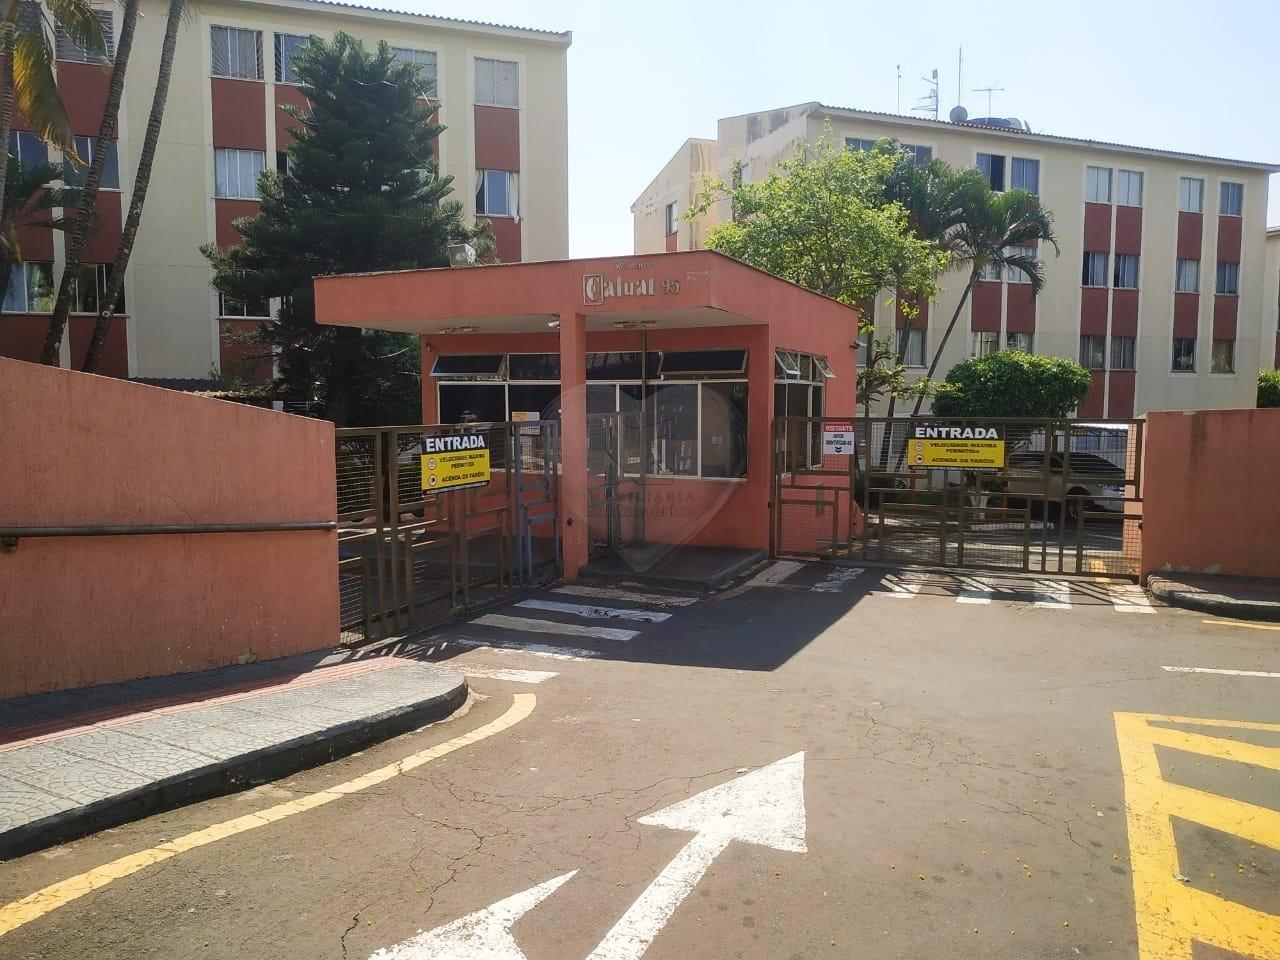 01642.001, Apartamento no Edifício Catuaí, de 3 quartos, 80 m² para alugar no Jardim Santa Cruz - Londrina/PR